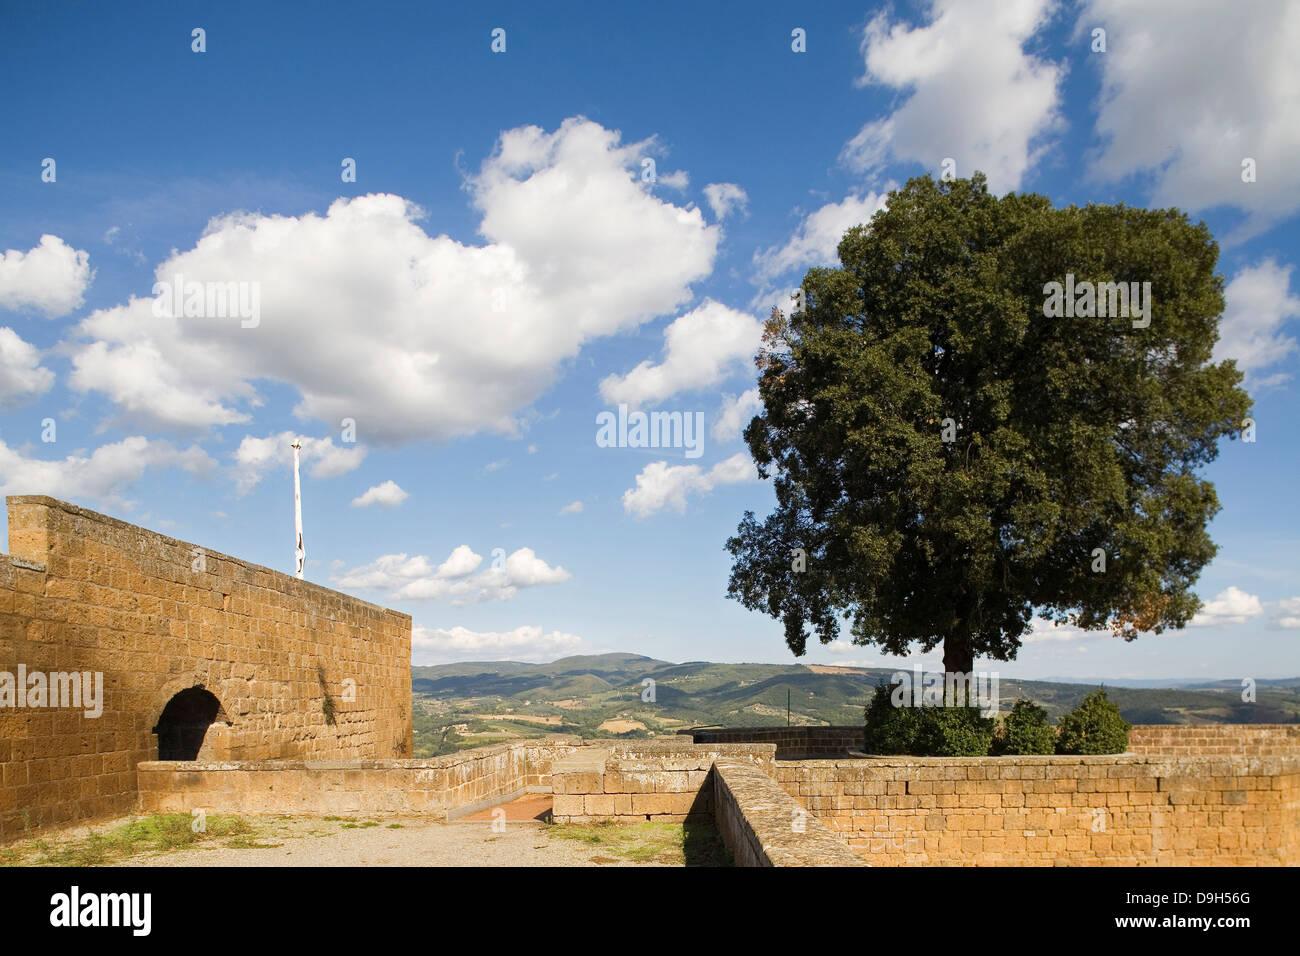 europe, italy, umbria, orvieto, albornoz fortress Stock Photo